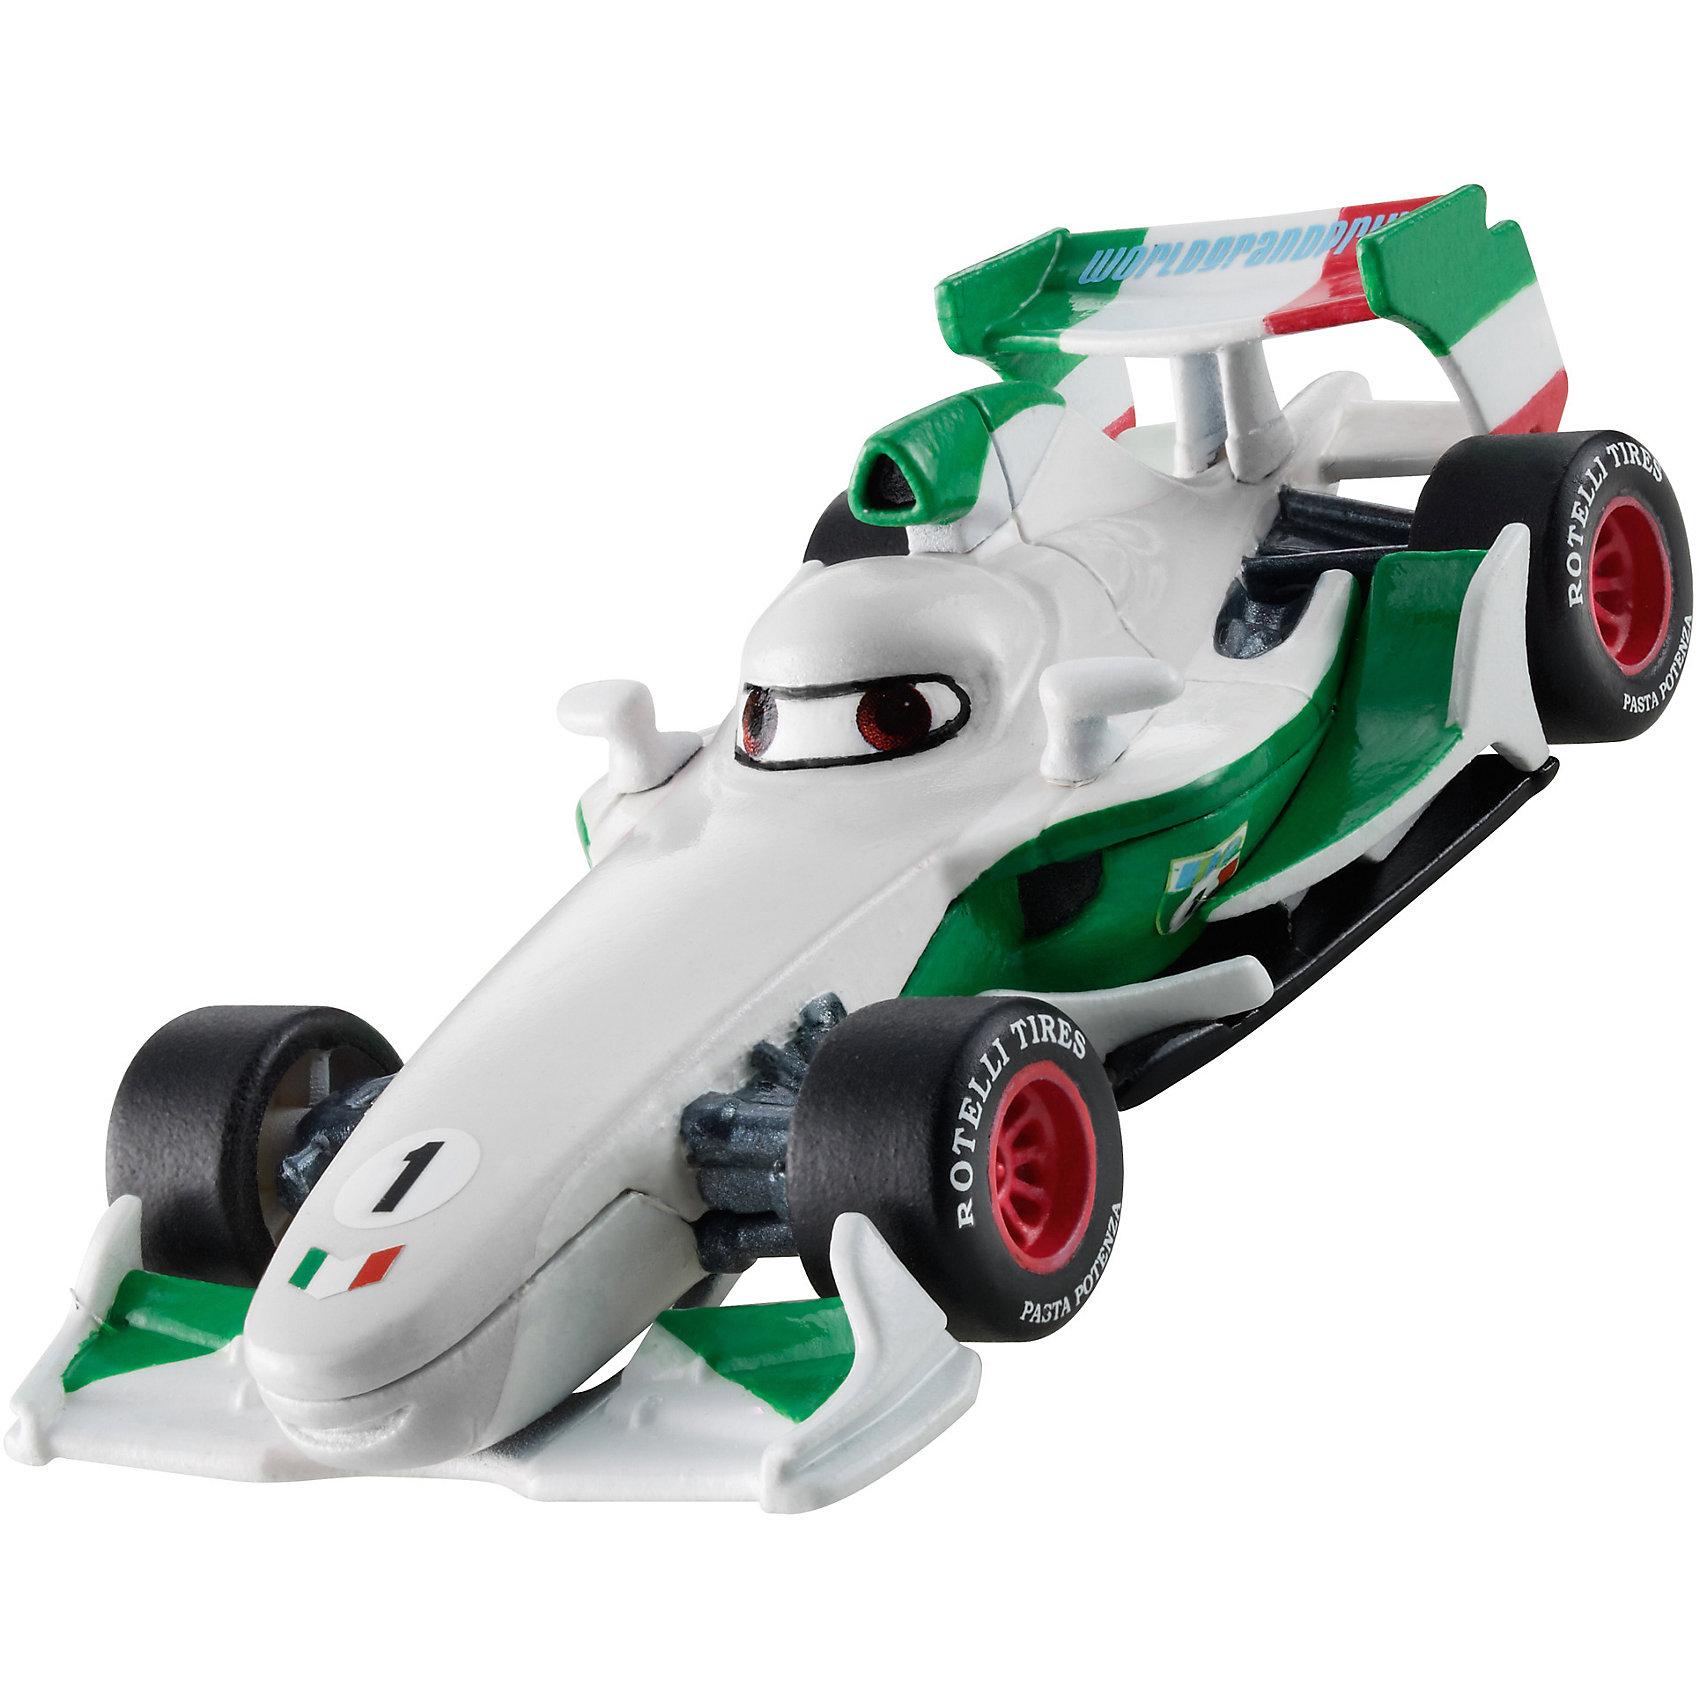 Машинка, меняющая цвет, ТачкиТачки<br>Машинка, меняющая цвет, Тачки от Mattel (Маттел) ? герои любимого мультфильма Тачки представлены в новой уникальной серии Color Changers от Mattel. Машинка выполнена из высококачественного пластика, устойчивого к механическим повреждениям. У машины вращающиеся колеса и инерционный механизм. <br>Машинка Франческо выполнена в сочетании белого, красного, черного и зеленого цветов. При погружении в воду, корпус машинки меняет цвет, насыщенность цвета зависит от температуры воды.<br>Машинка, меняющая цвет, Тачки от Mattel (Маттел) позволит не только создать уникальный дизайн машинки, но и воспроизвести полюбившиеся сцены из мультфильма или придумать свою историю с главными героями.<br><br>Дополнительная информация:<br><br>- Вид игр: сюжетно-ролевые <br>- Предназначение: для дома<br>- Серия: Color Changers<br>- Материал: пластик<br>- Размер: 4,5*14*21,5 см<br>- Вес: 84 г <br>- Особенности ухода: разрешается мыть<br><br>Подробнее:<br><br>• Для детей в возрасте: от 3 лет и до 10 лет<br>• Страна производитель: Китай<br>• Торговый бренд: Mattel<br><br>Машинку, меняющую цвет, Тачки от Mattel (Маттел) можно купить в нашем интернет-магазине.<br><br>Ширина мм: 45<br>Глубина мм: 140<br>Высота мм: 215<br>Вес г: 84<br>Возраст от месяцев: 36<br>Возраст до месяцев: 120<br>Пол: Мужской<br>Возраст: Детский<br>SKU: 4918473